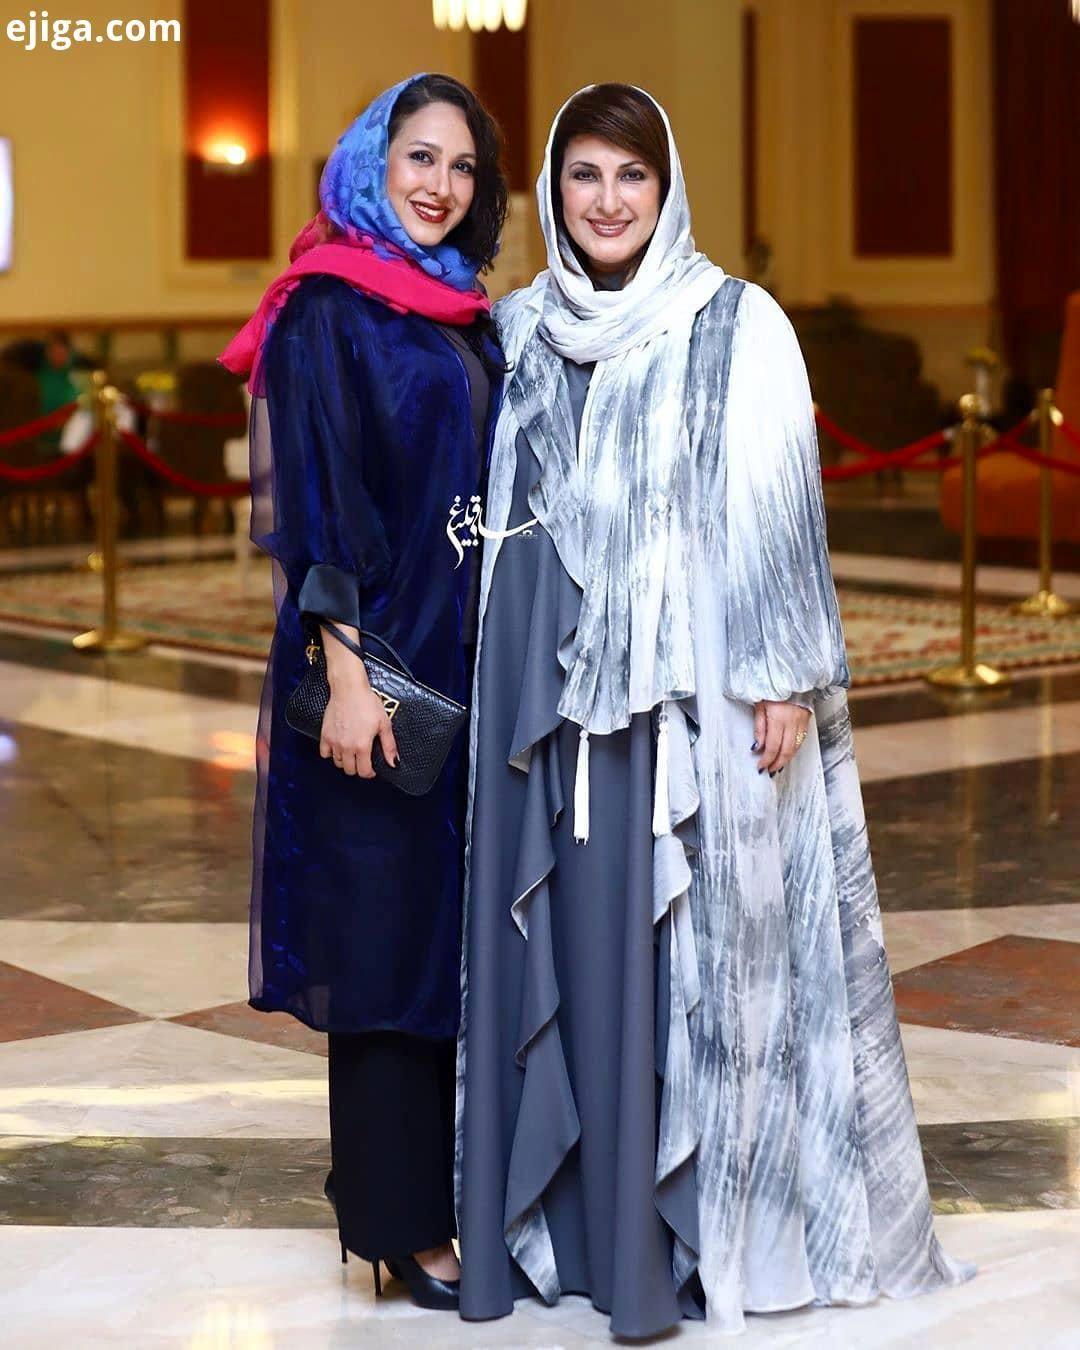 عکسی از فاطمه گودرزی و دخترش آوا گنجی :: ایجیگا